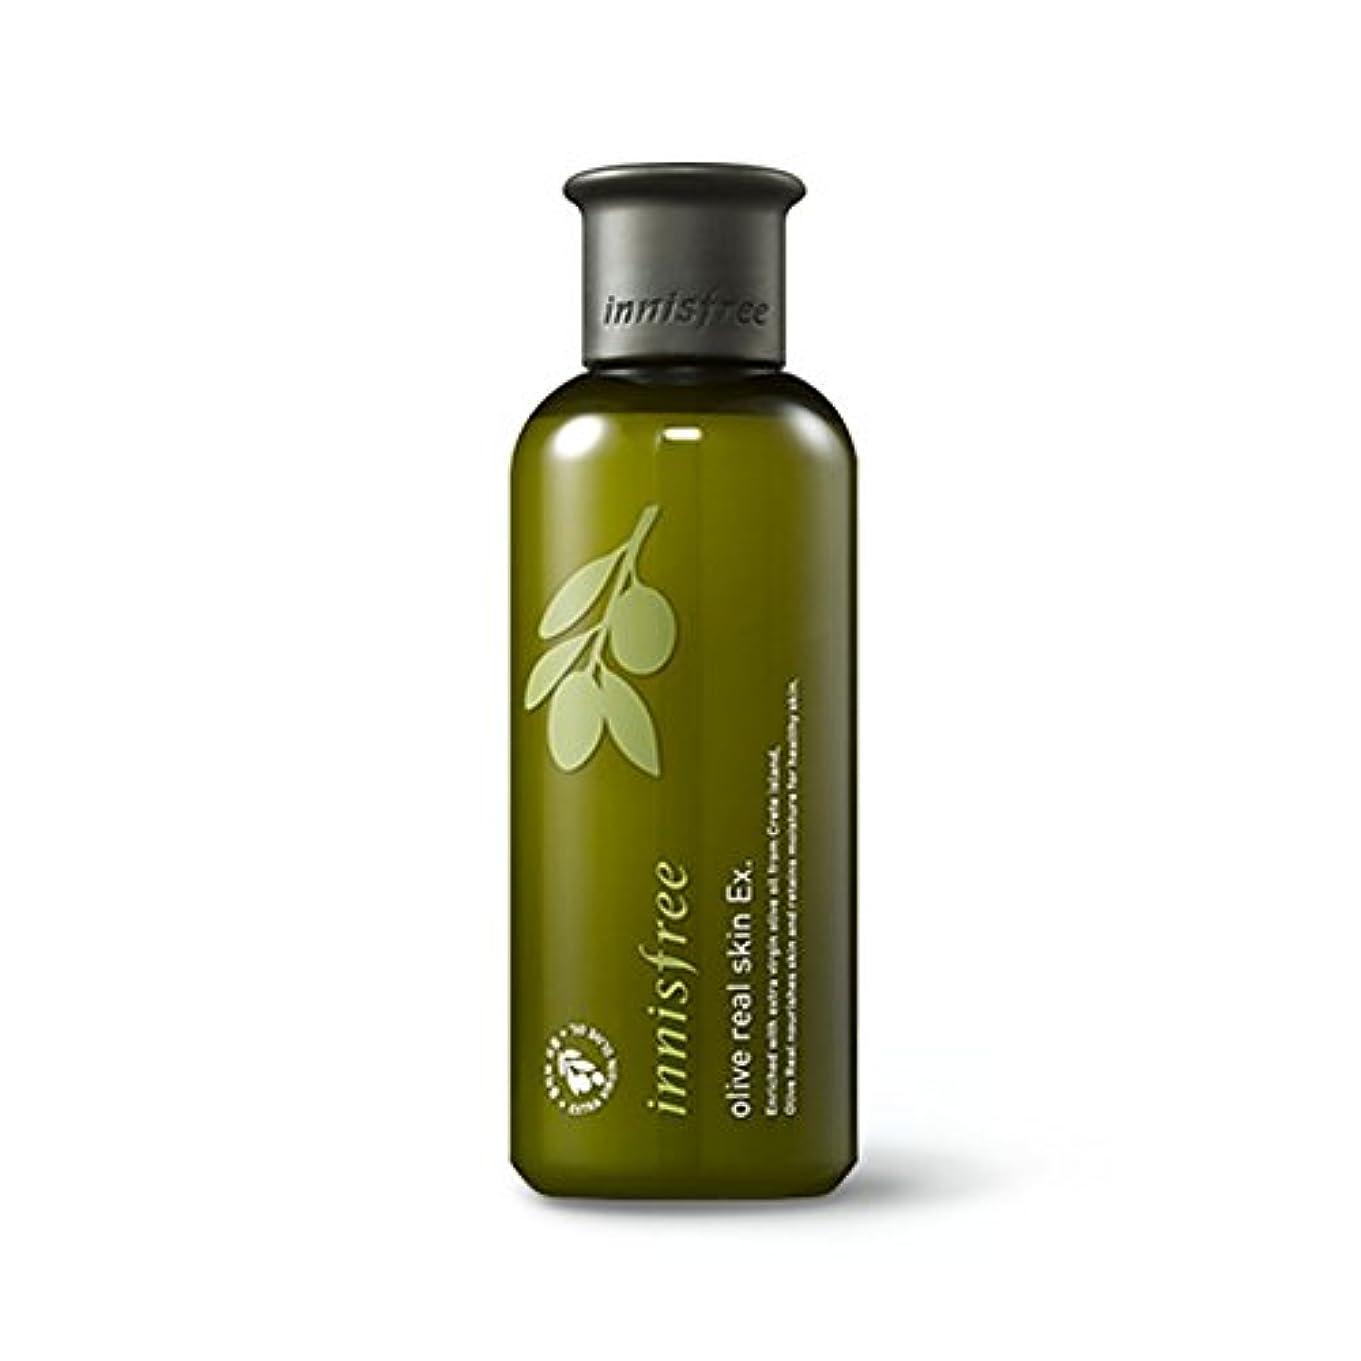 アラバマ大通りオーストラリアイニスフリーオリーブリアルスキン 200ml Innisfree Olive Real Skin Ex. 200ml [海外直送品][並行輸入品]